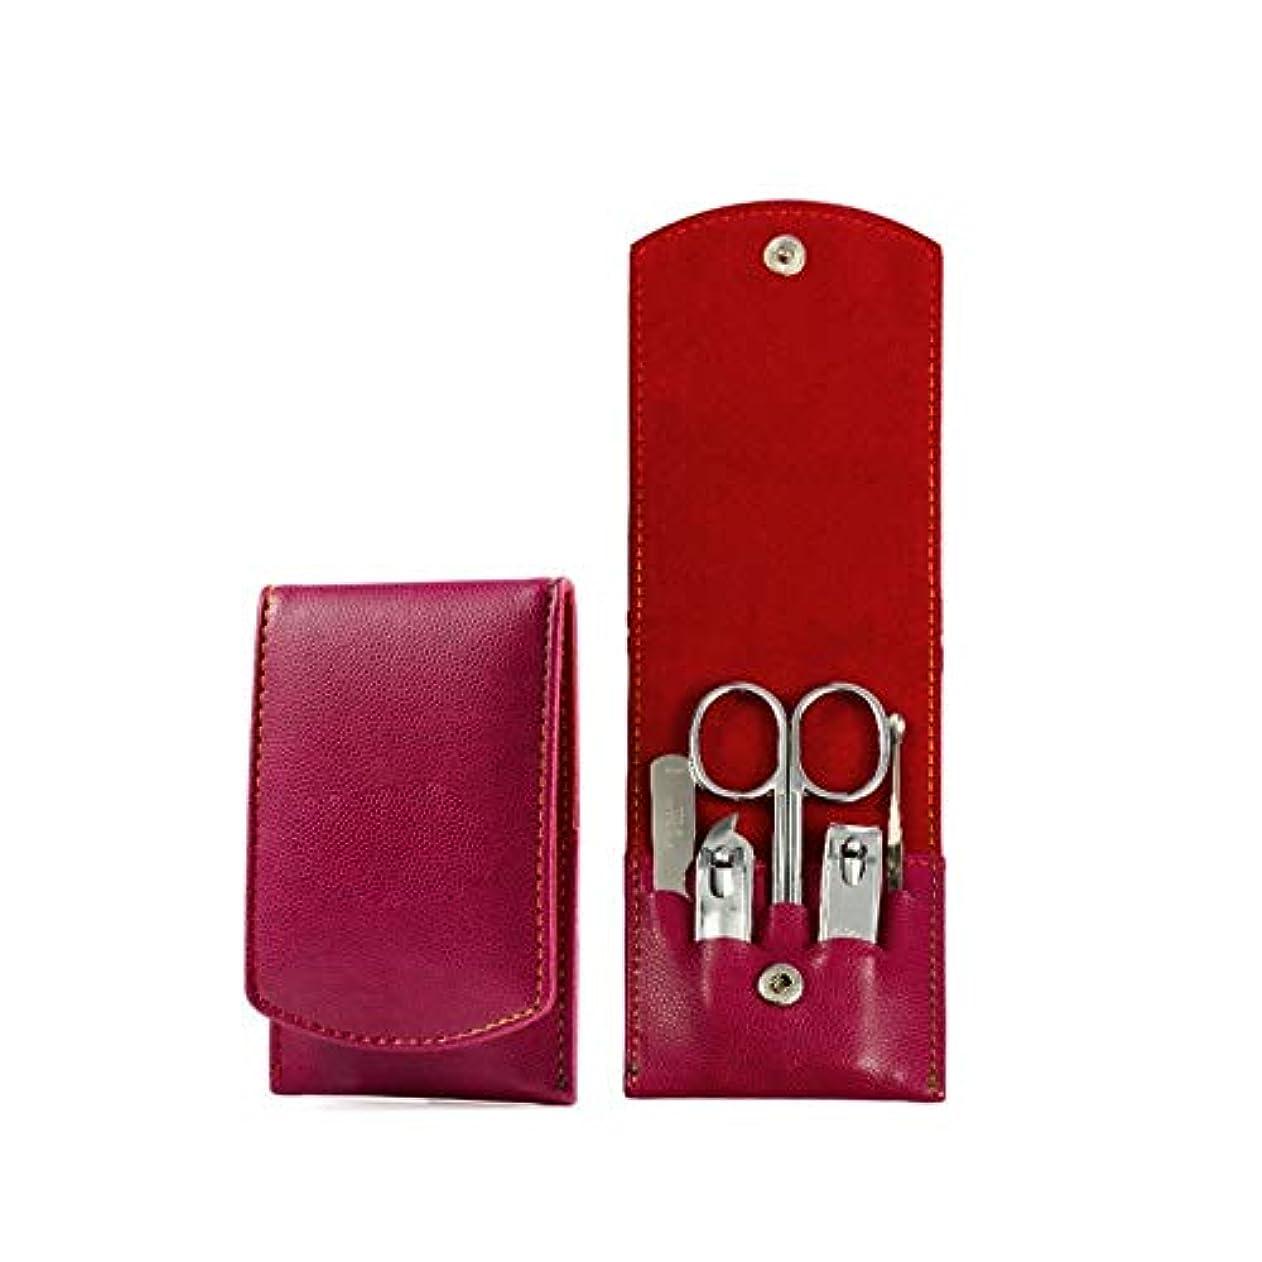 ロビーいう鉄道TUOFL リペアコンビネーションマニキュアと美容ツール5セット、大型機能アクセサリーセット、シャープで耐久性 (Color : Red)